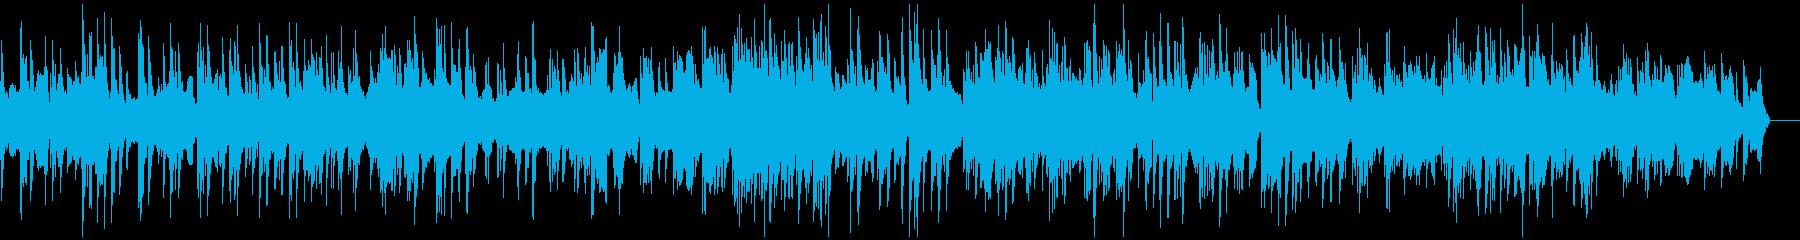 ★ピアノとチェロのしっとりバラードBGMの再生済みの波形